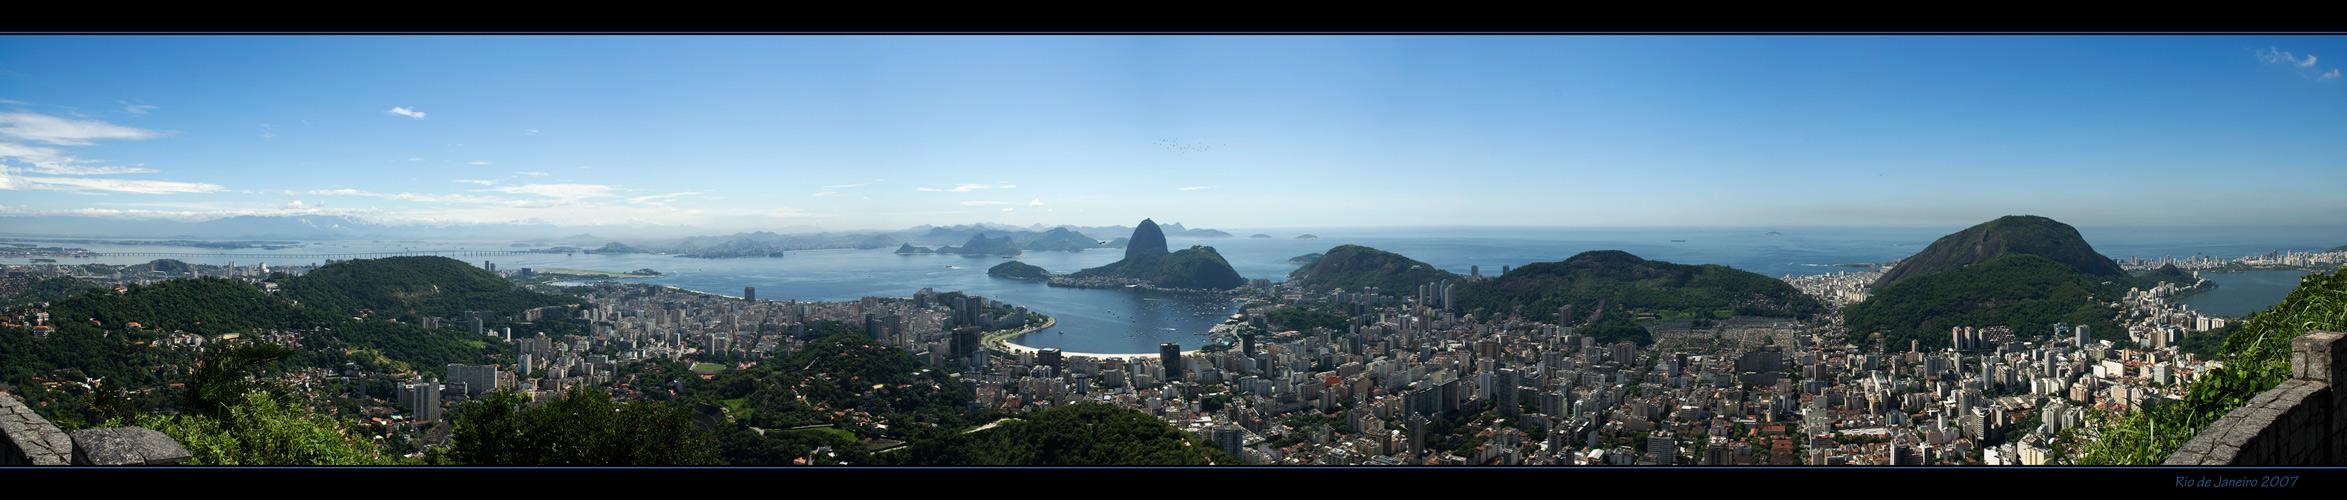 Rio de Janeiro - Blick vom Corcovado -